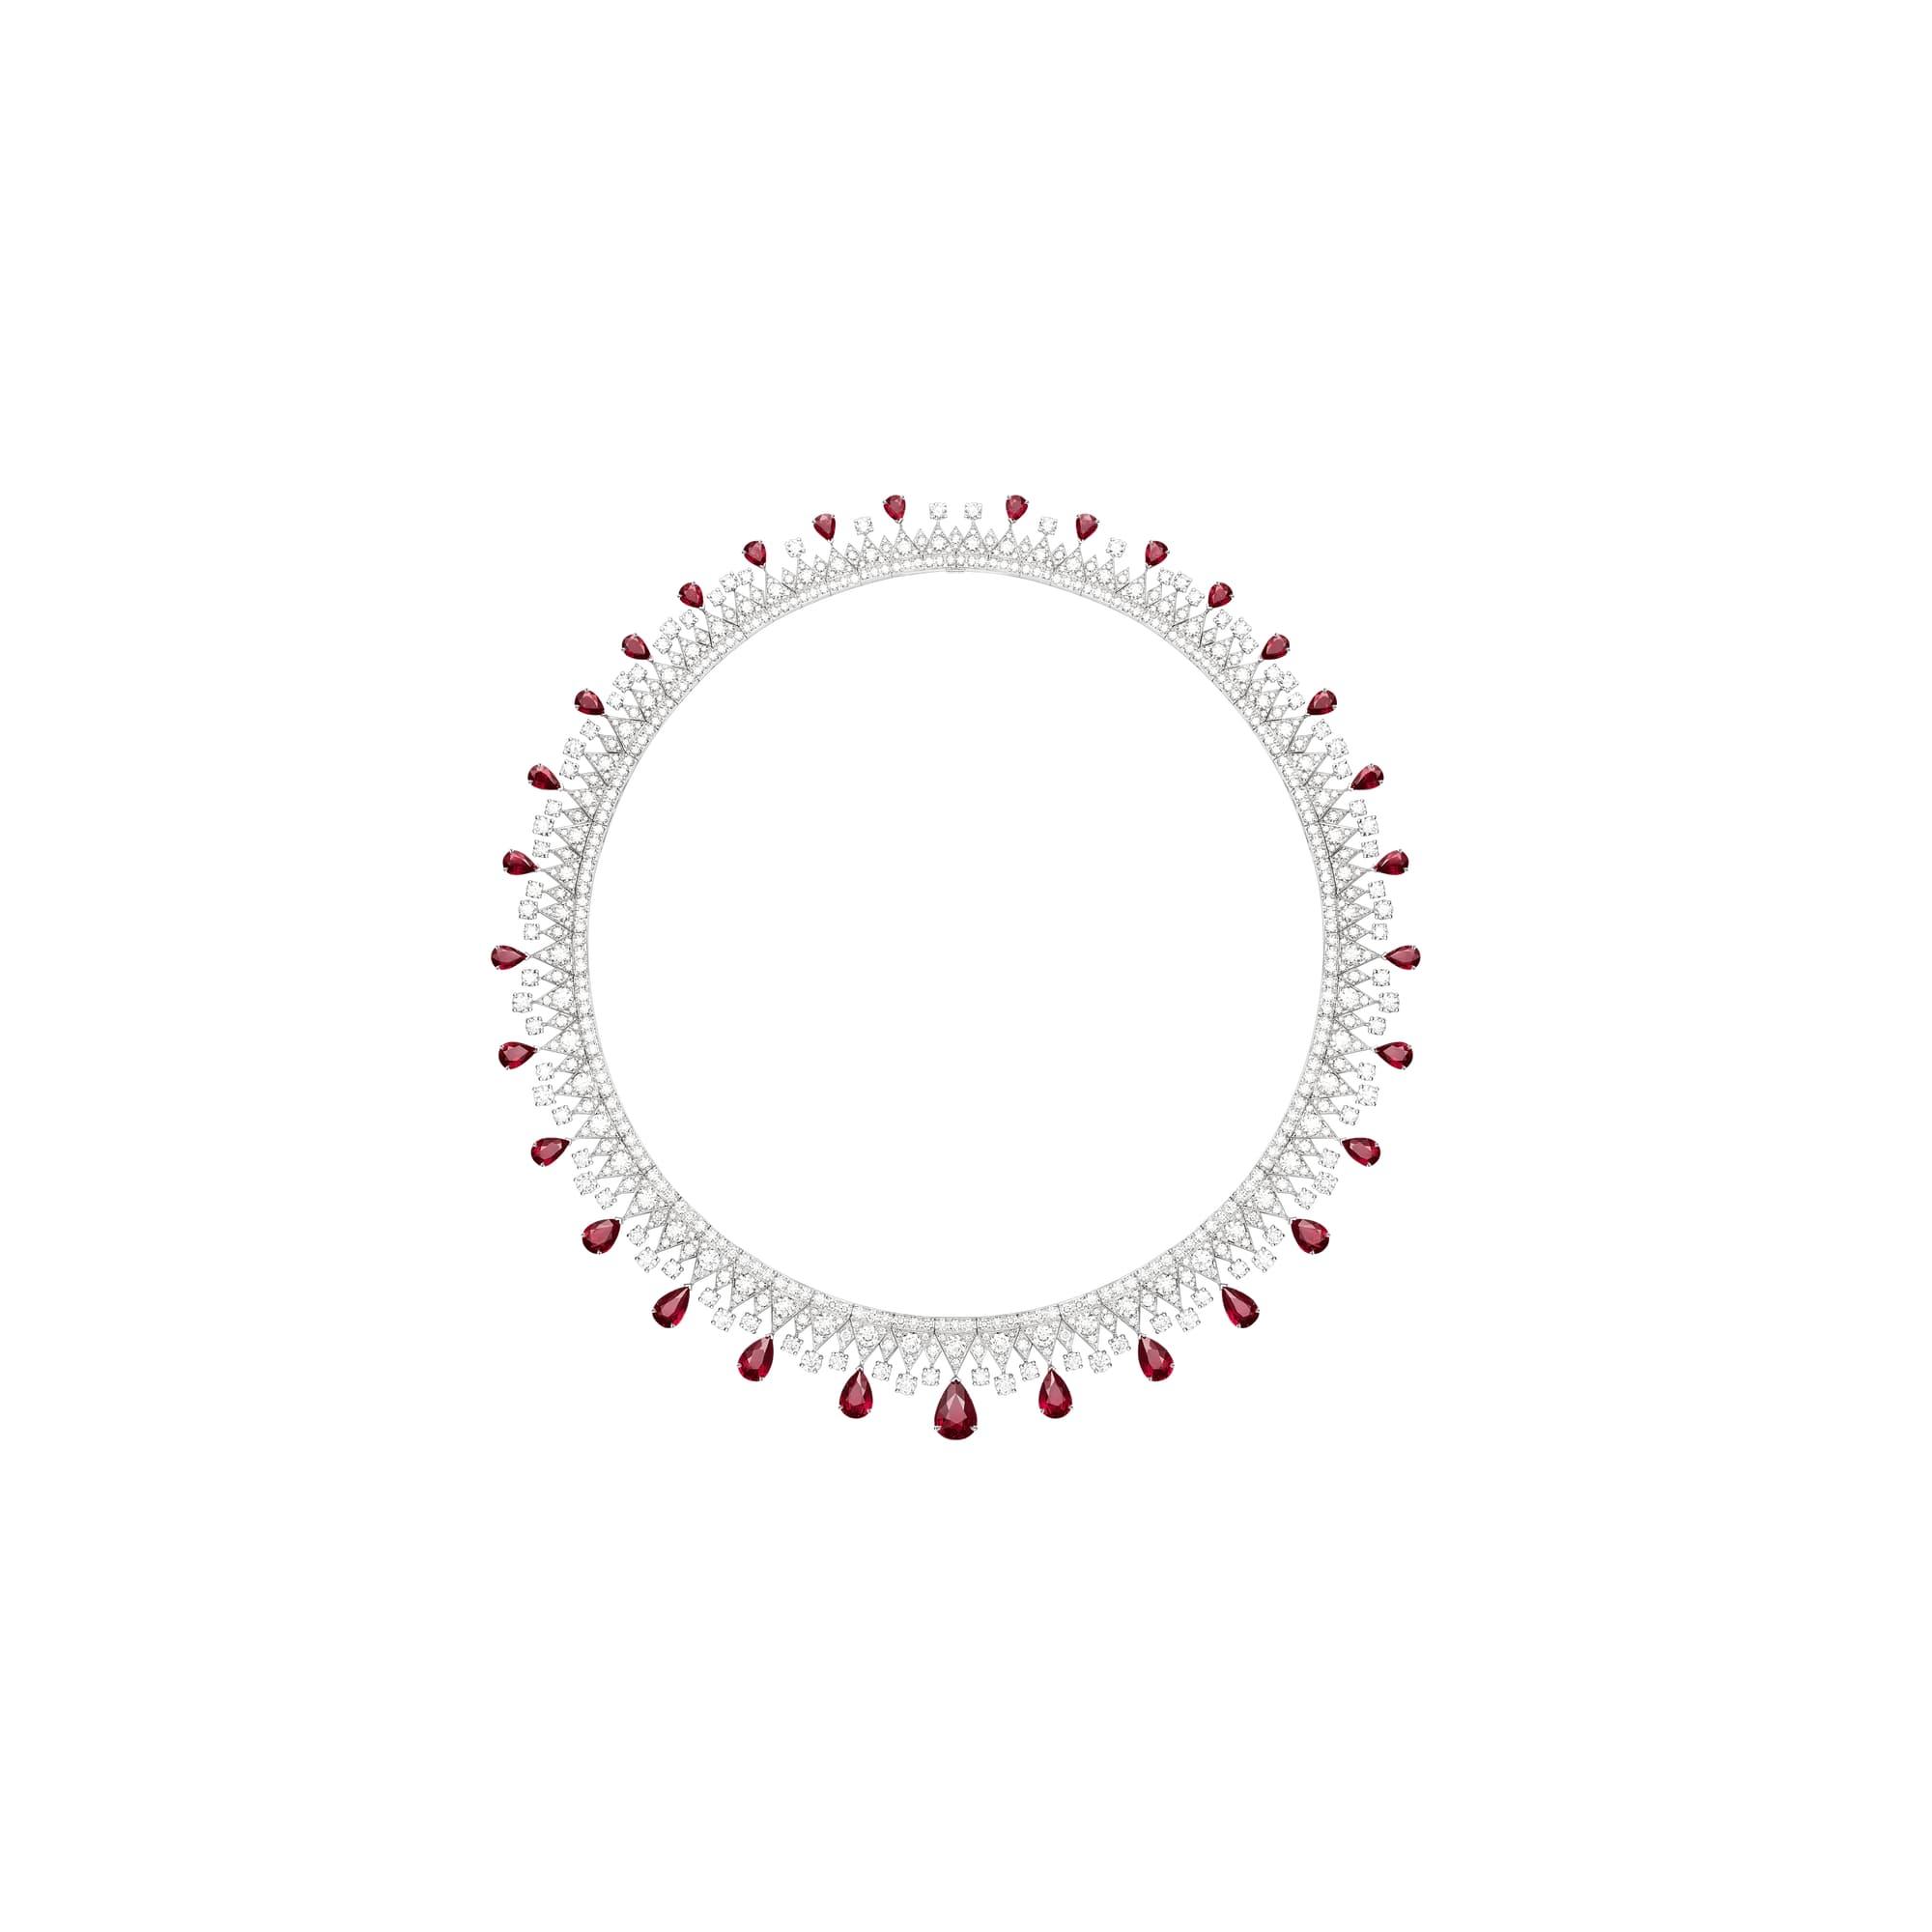 高级珠宝钻石项链,镶饰红宝石